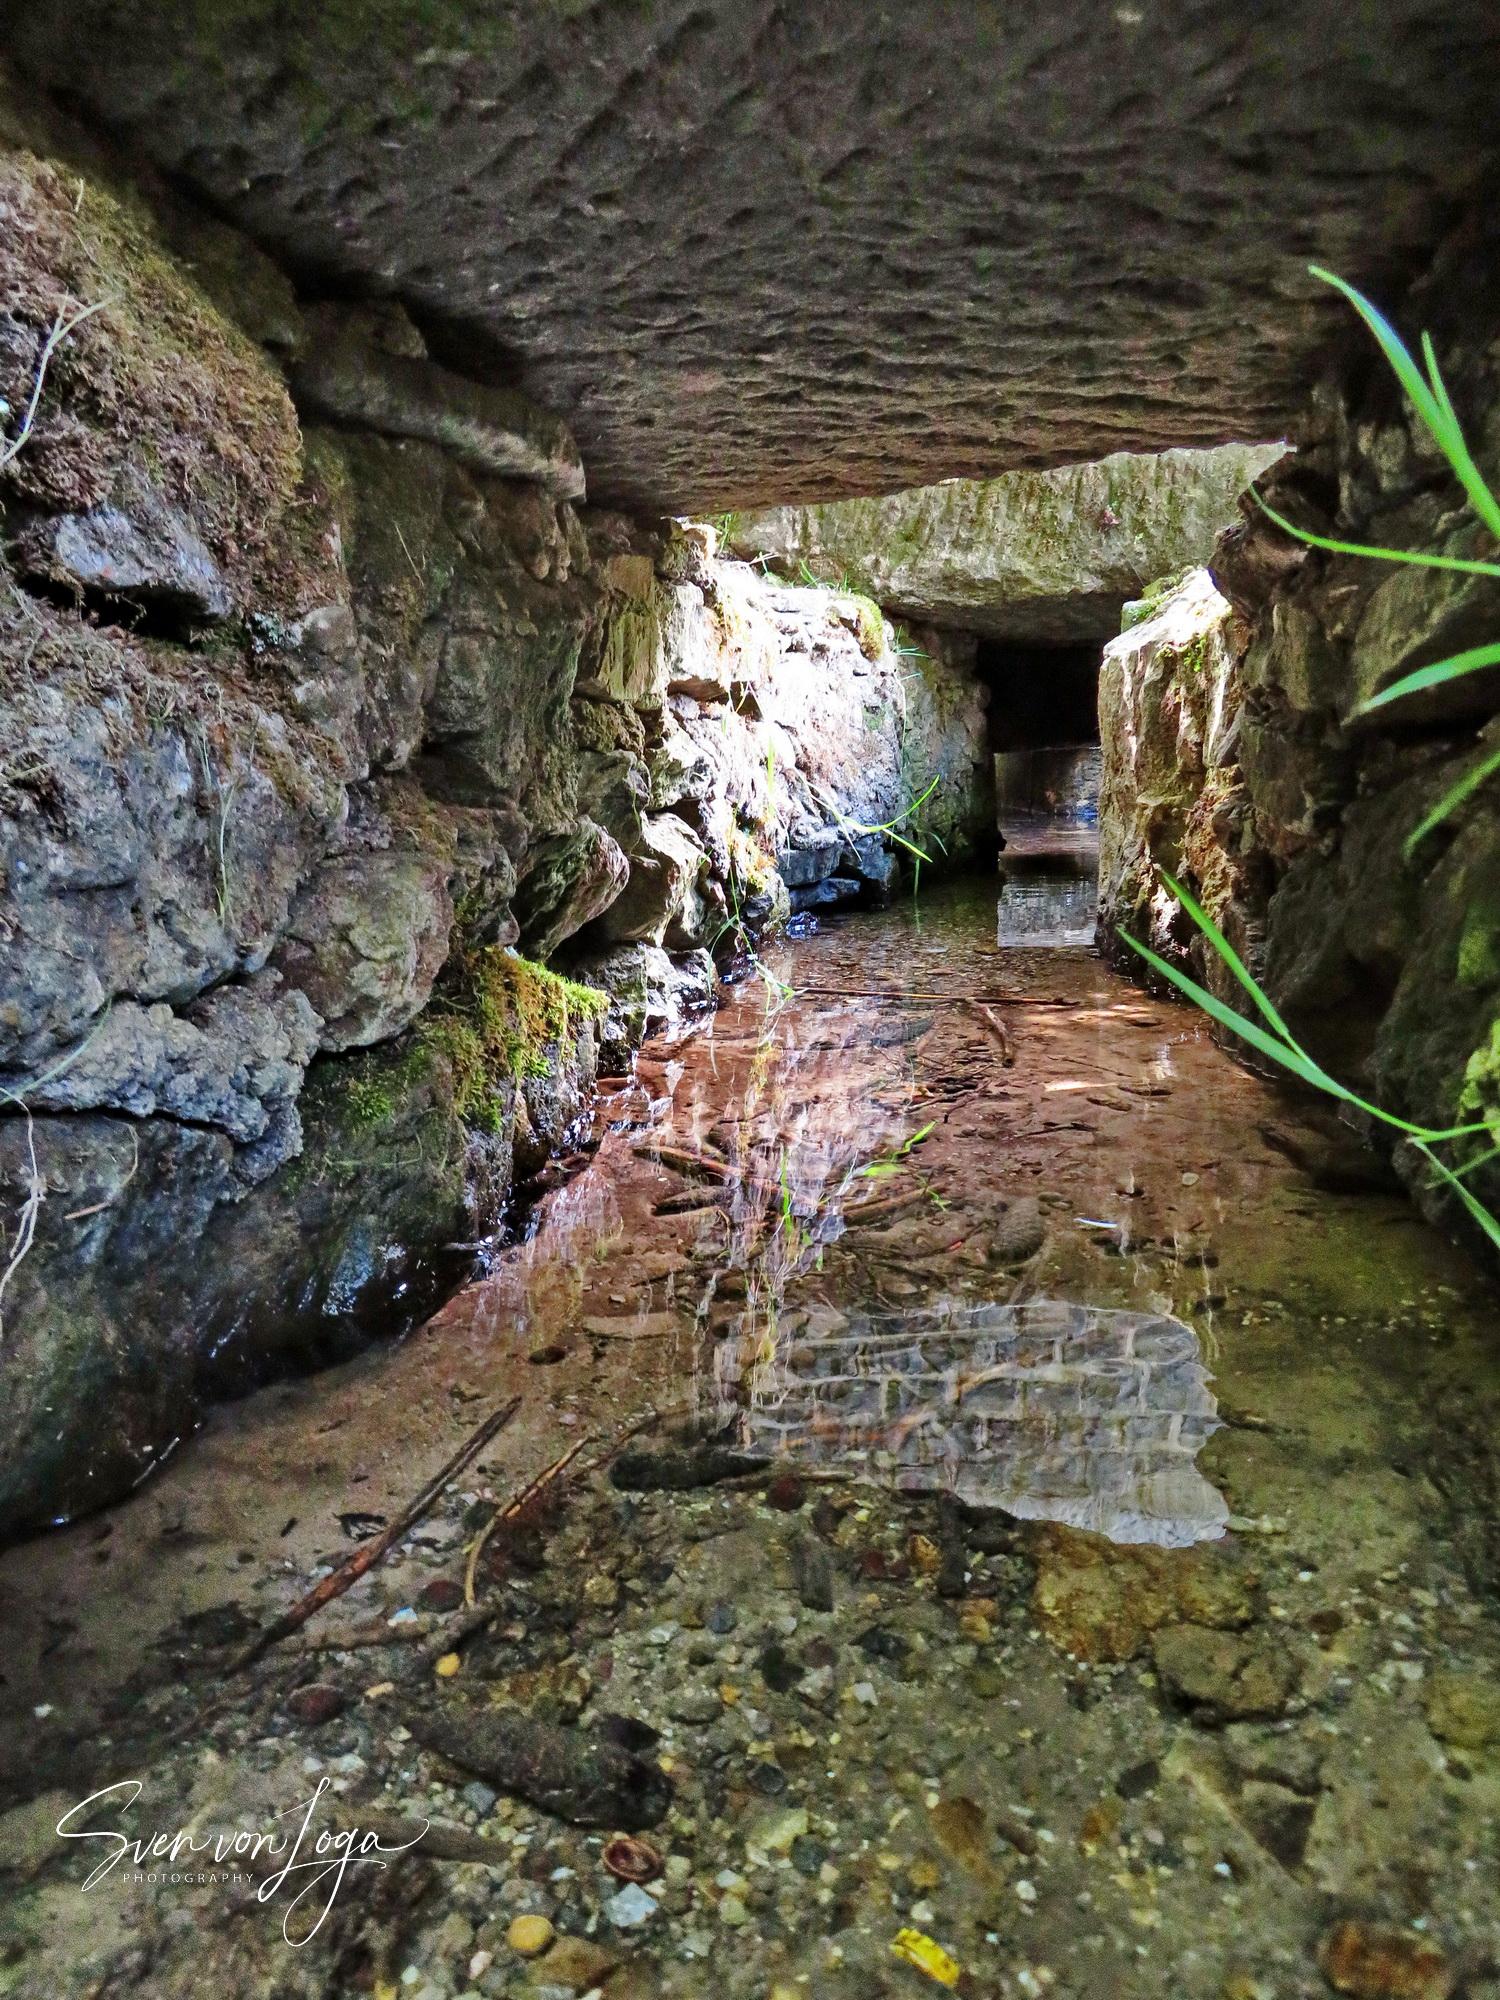 Grüner Pütz bei Nettersheim - Start der römischen Wasserleitung aus der Eifel nach Köln